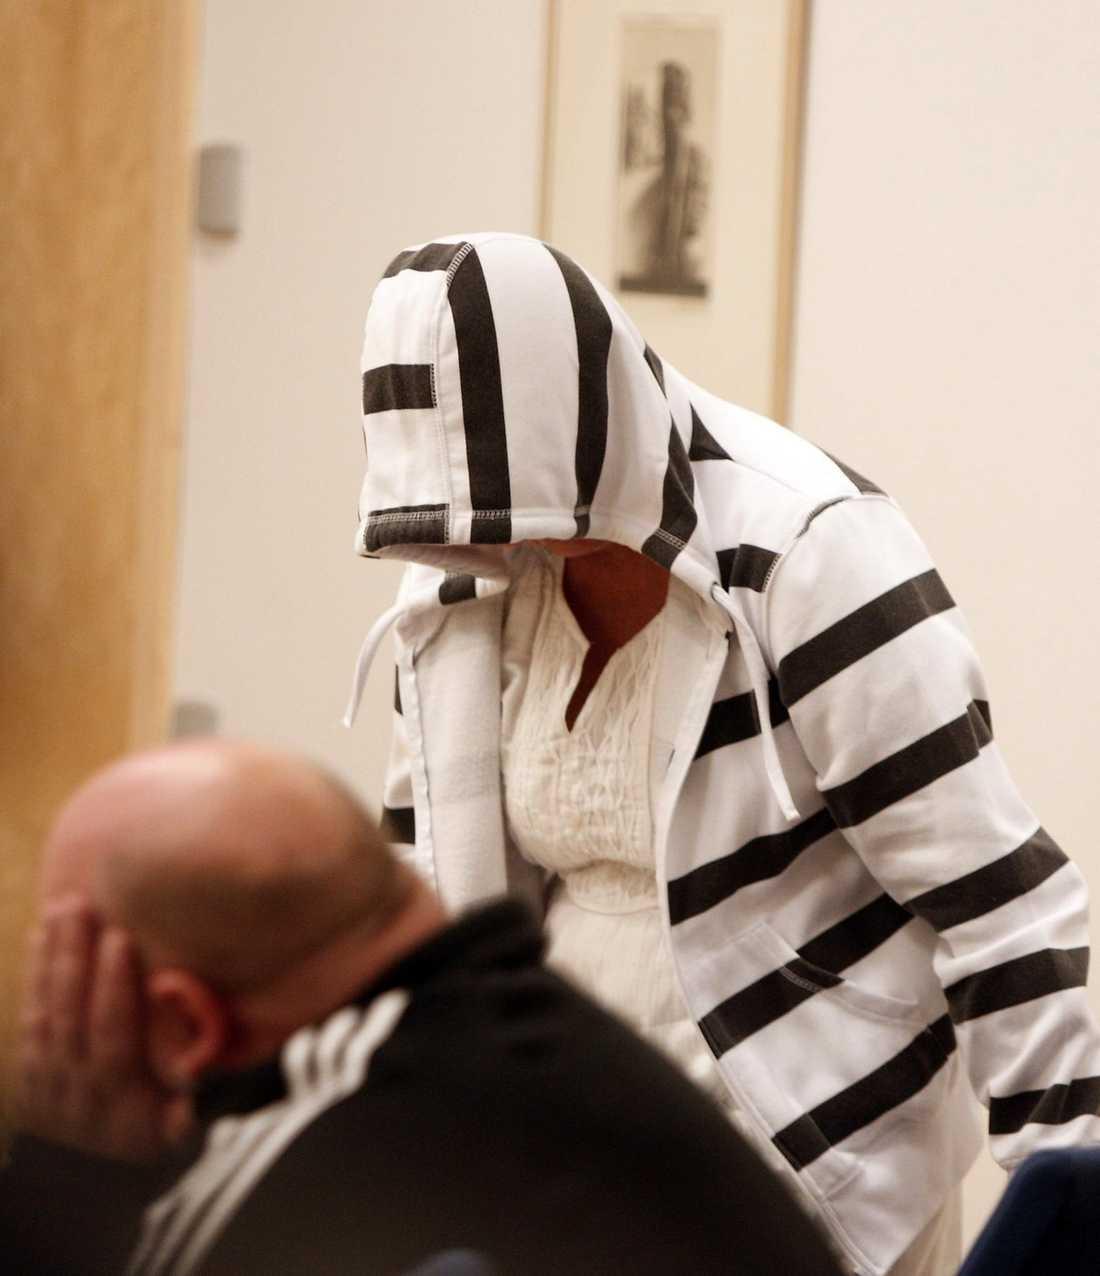 CHATTADE OM BARNSEX Här möts den 55-åriga mormorn och den 43-årige mannen i rätten. Tidigare har de haft kontakt på internet  i ett drygt år – och deras chattkonversationer om barnsex är bevisning i den unika barnporrhärvan. Foto: HENRIK HANSSON